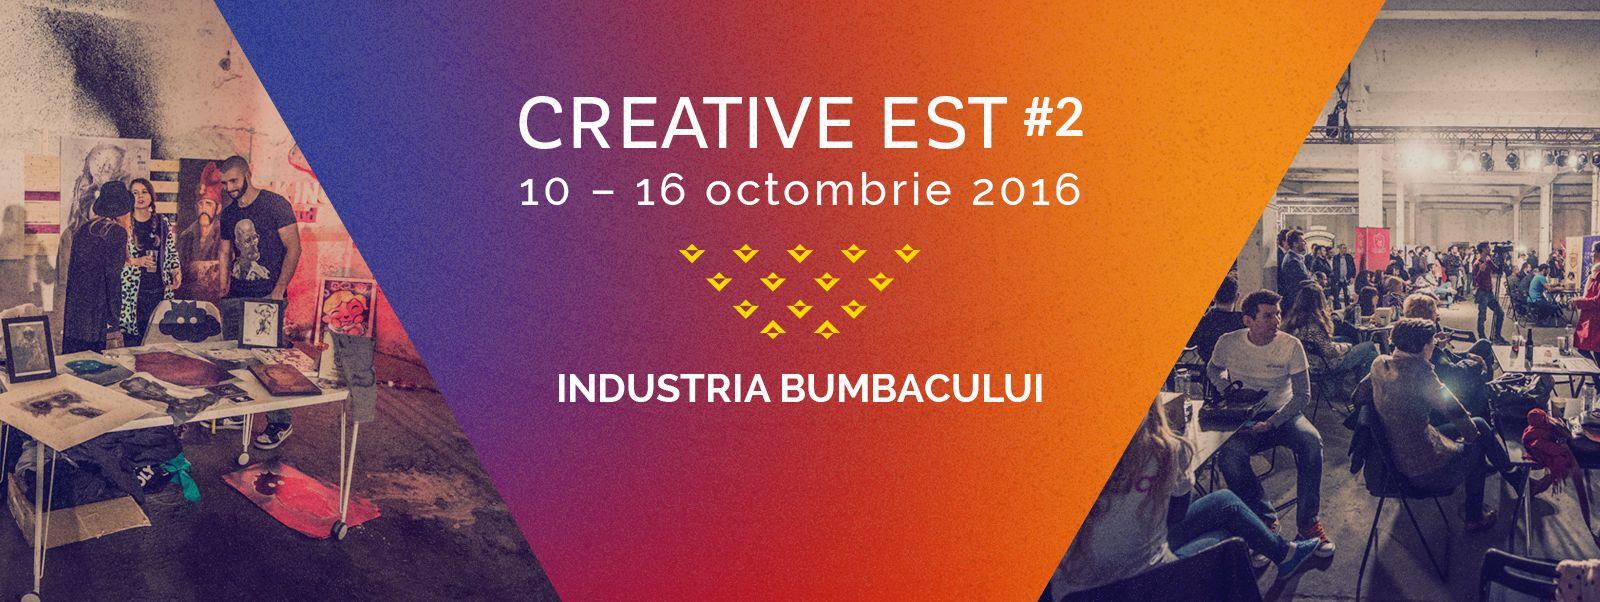 Creative Est 2